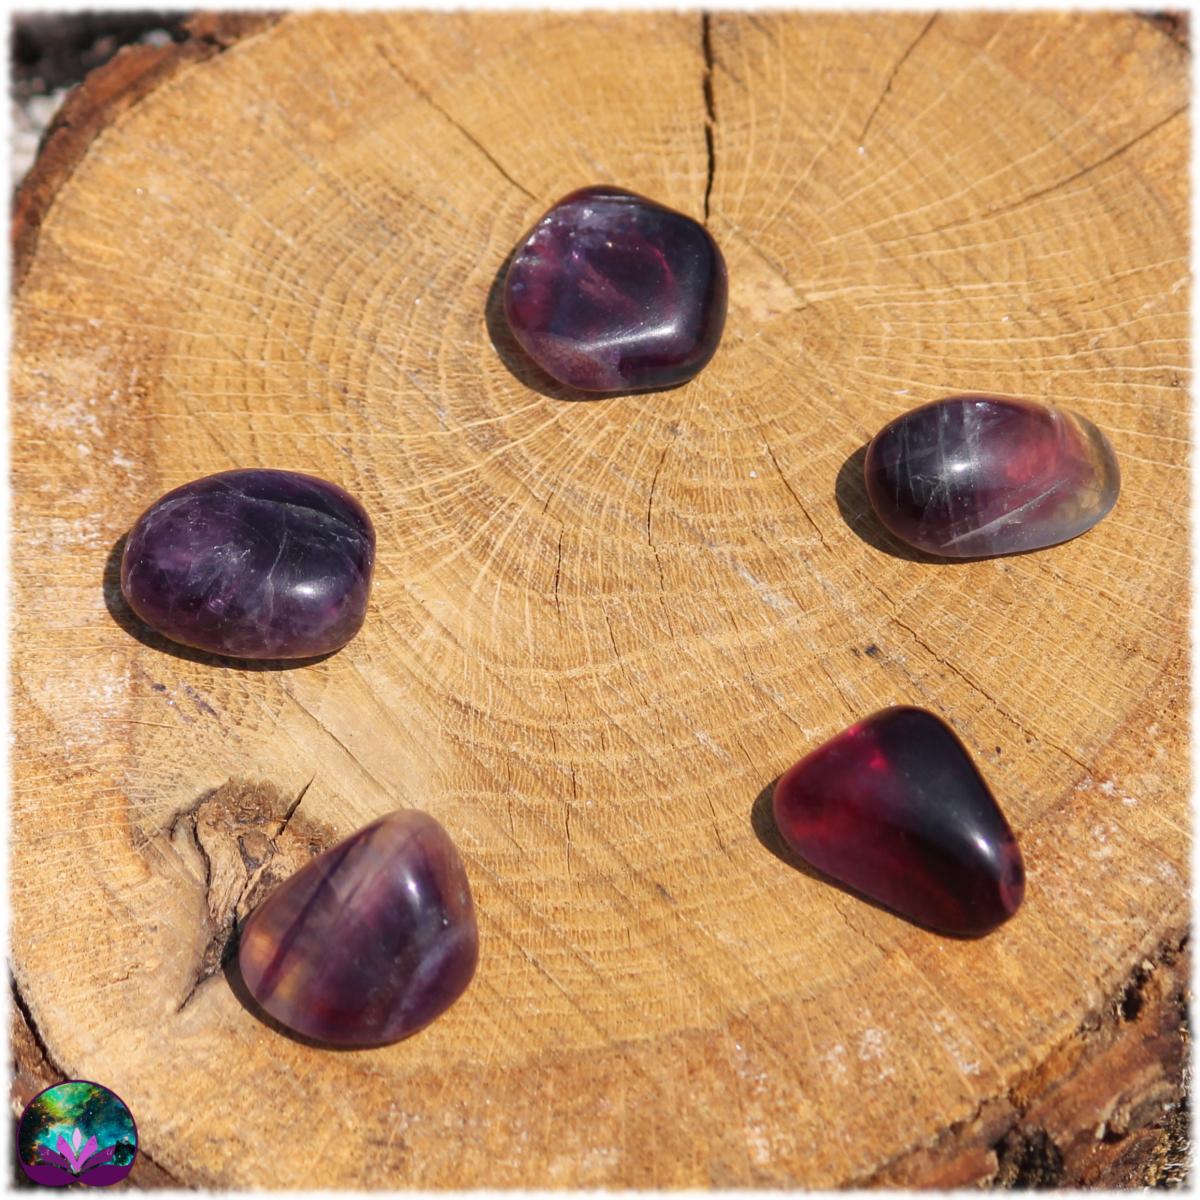 Fluorite multicolore roulée majoritairement violette